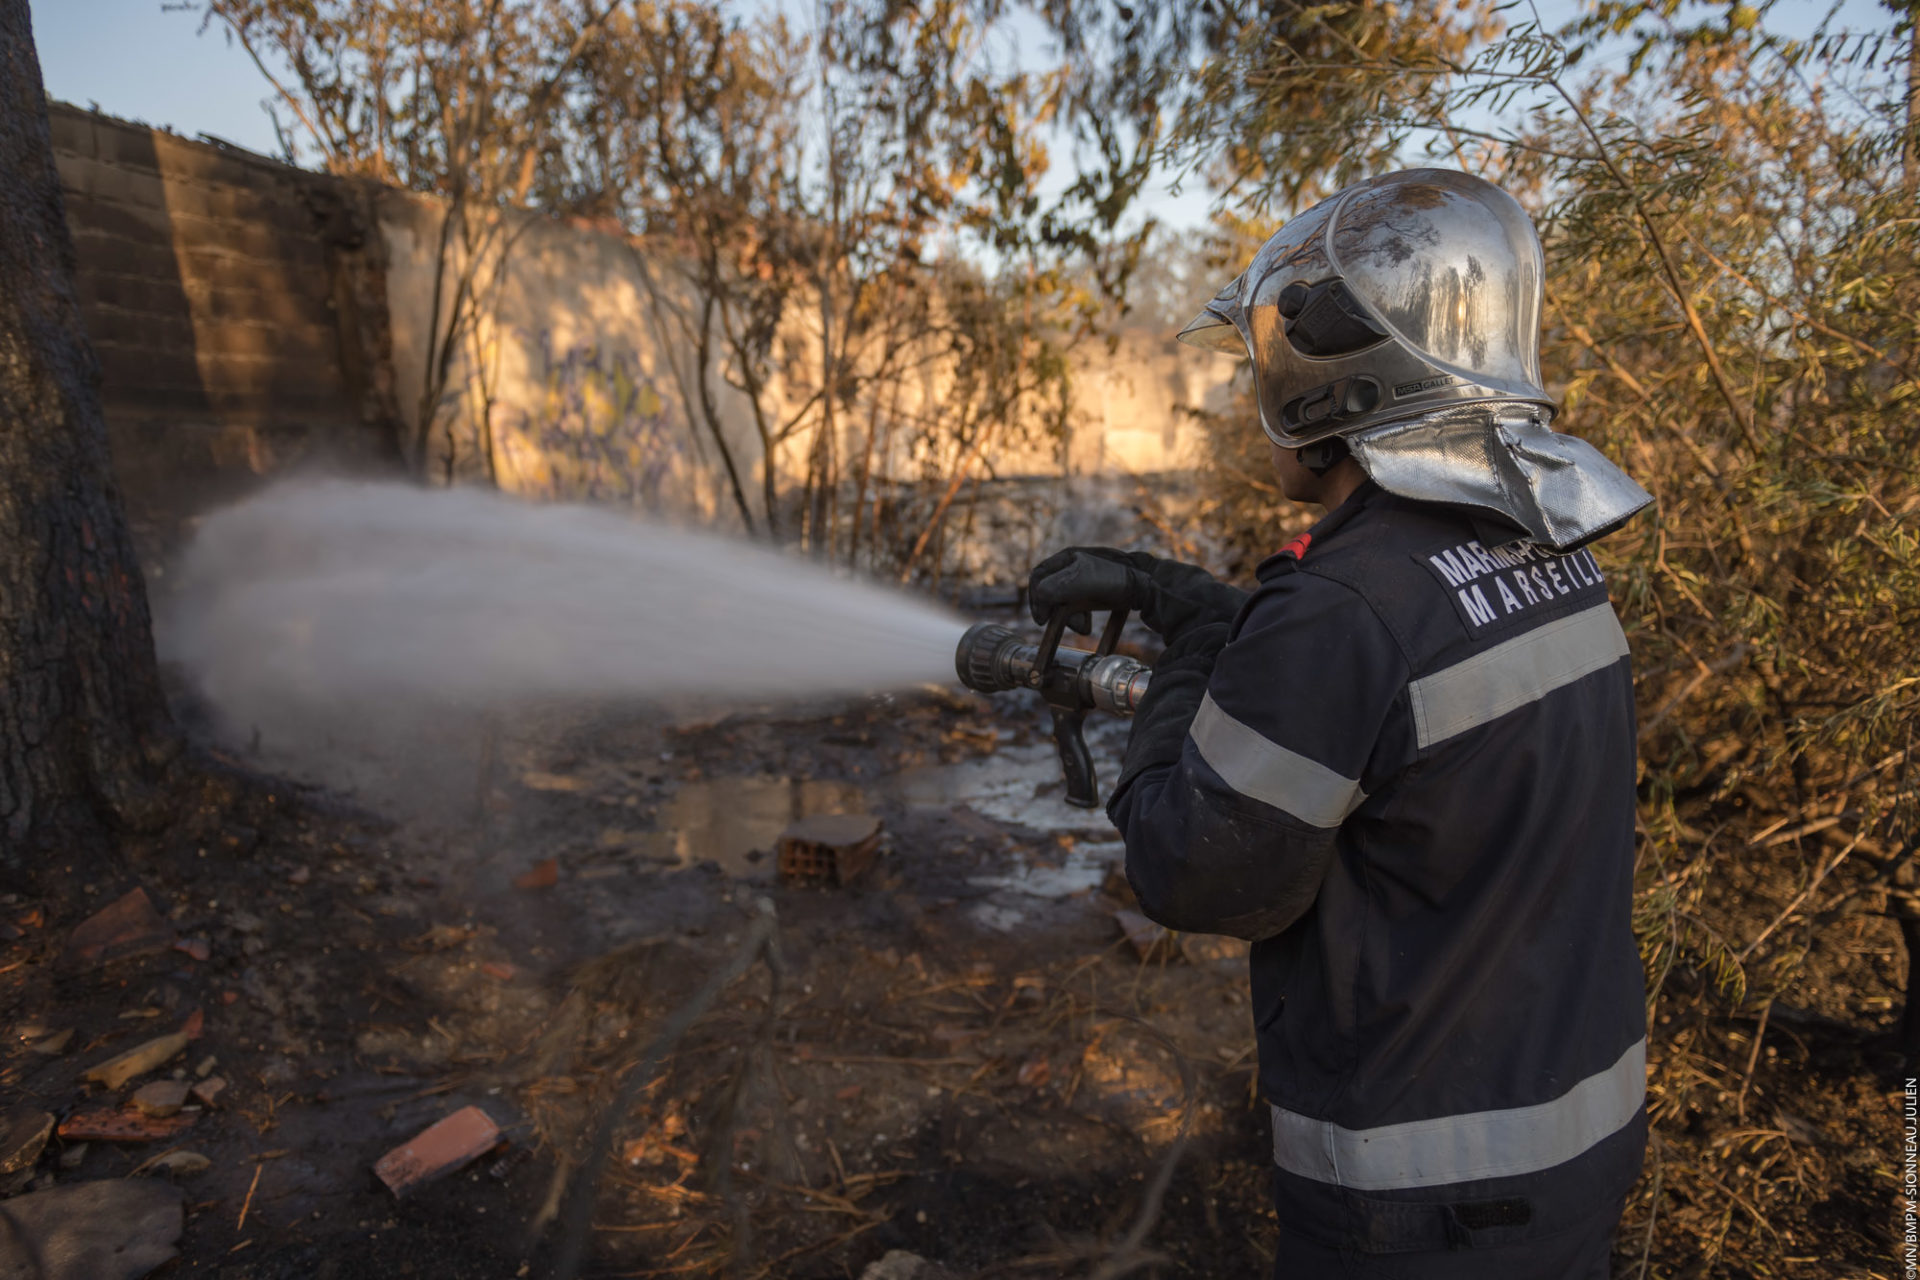 🇫🇷 Marseille (13) : Un incendie sur le chemin du littoral a menacé plusieurs habitations